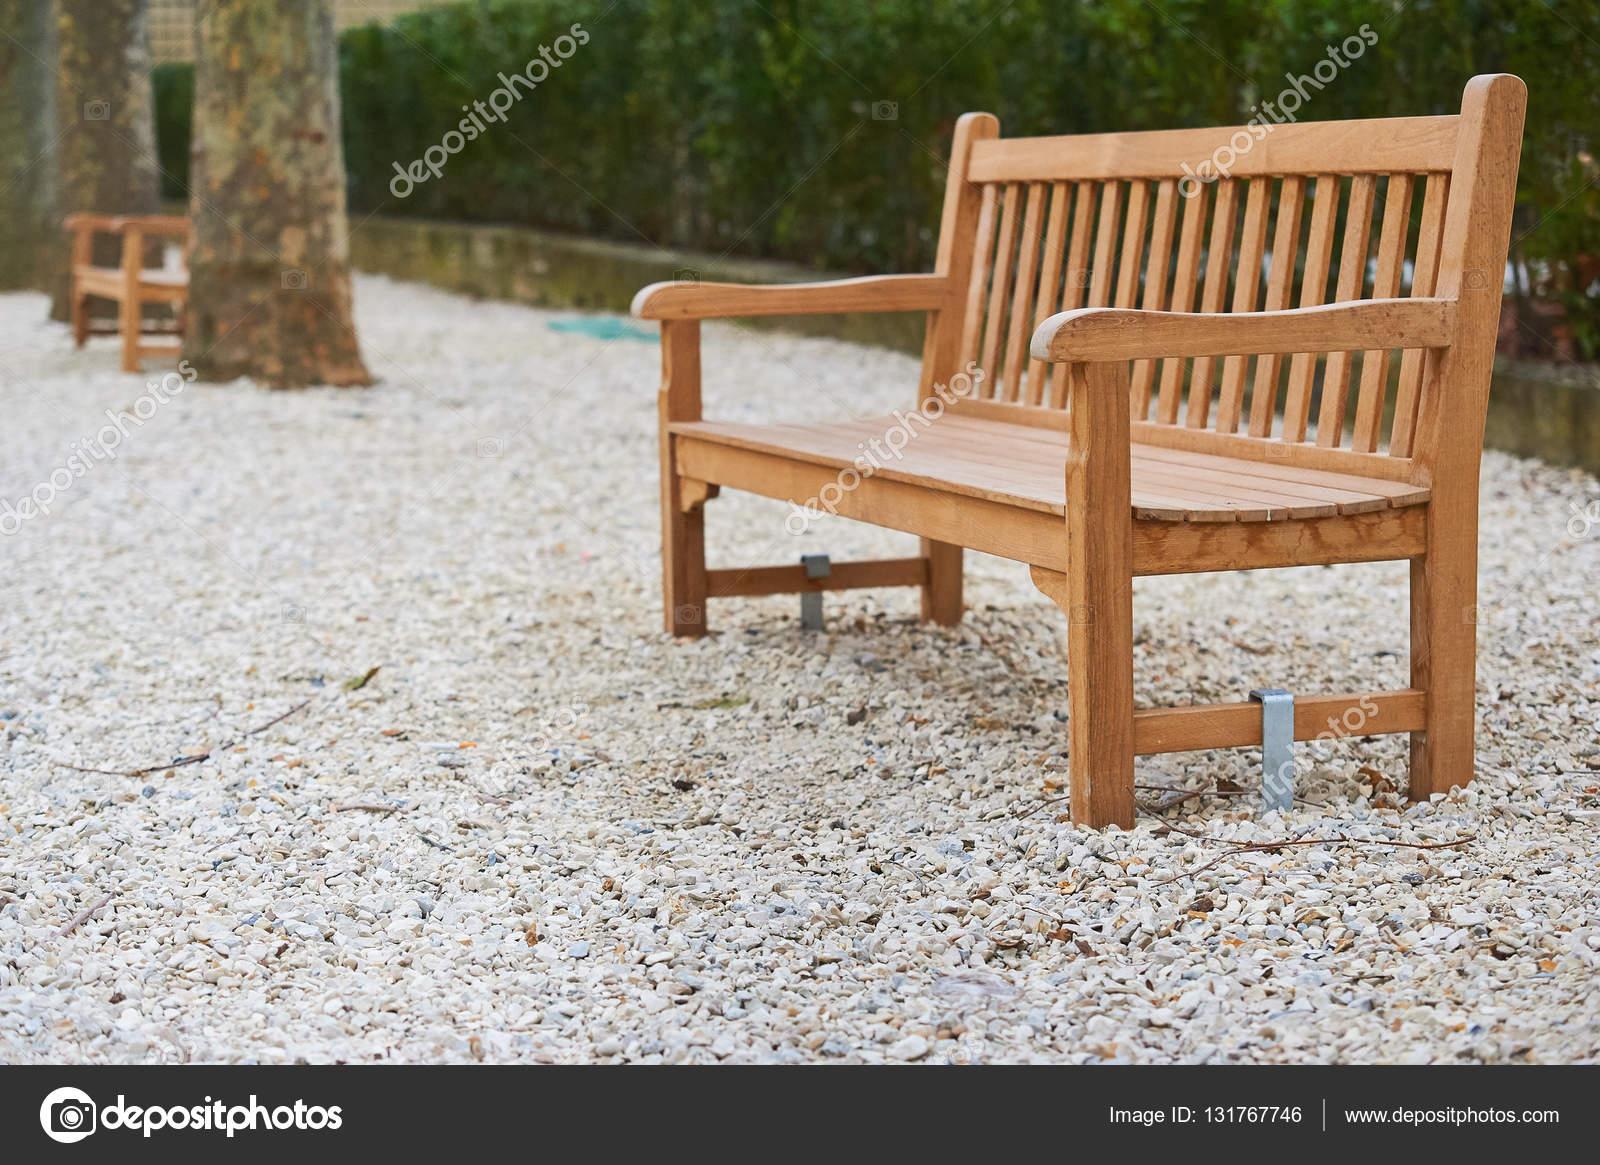 Braunen Holzbänke auf der weißen Boden in Paris Garten — Stockfoto ...